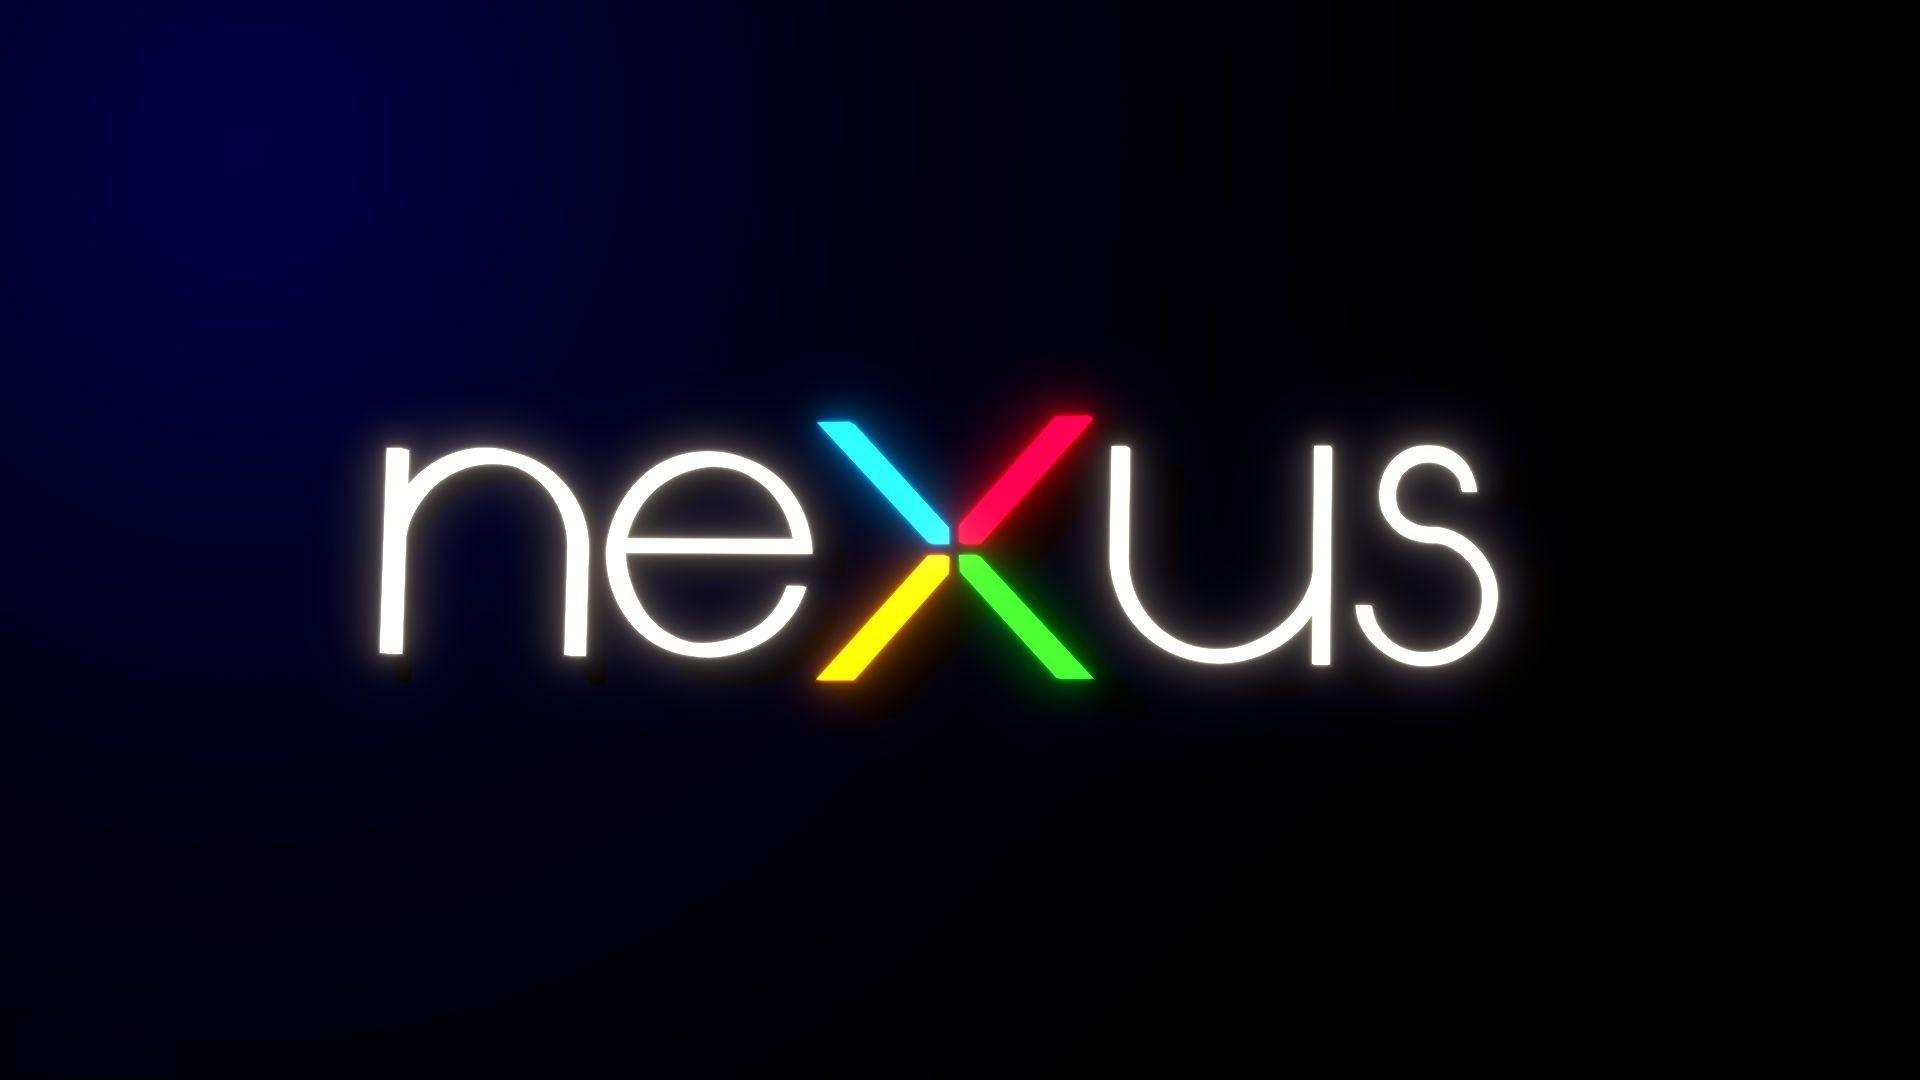 Nexus 6p Wallpapers 66 Images